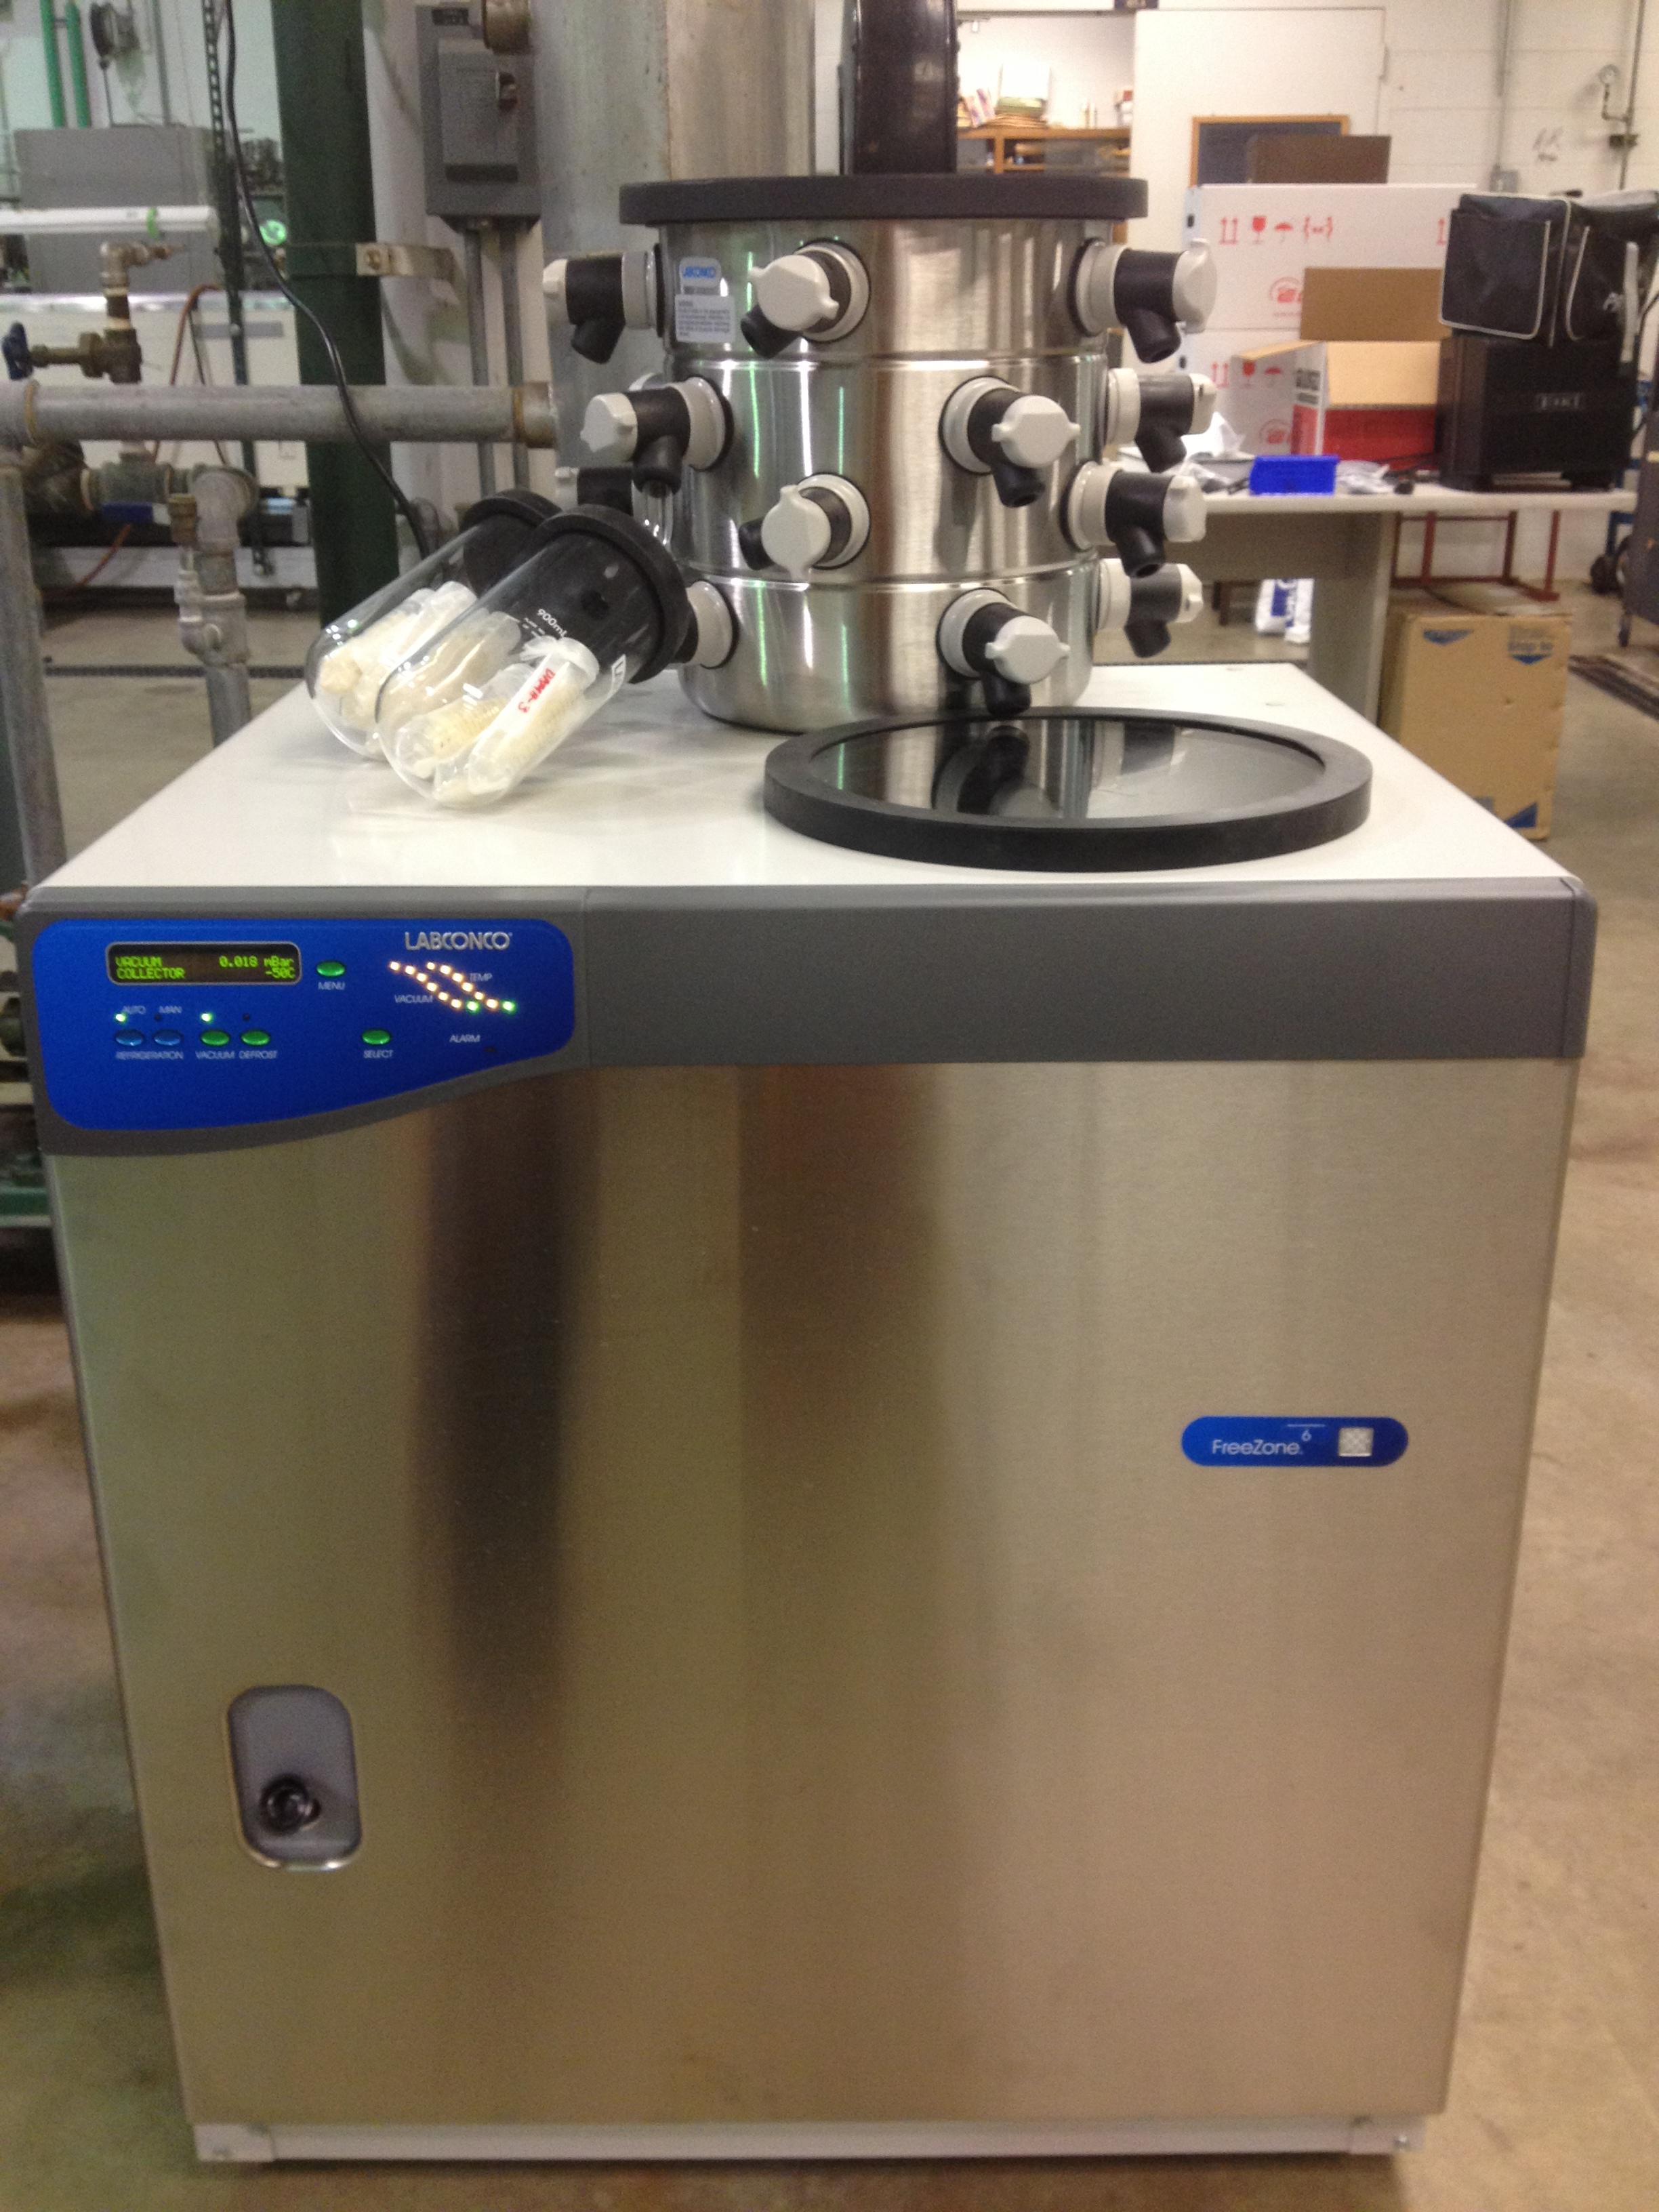 Labconco Freeze Dryer